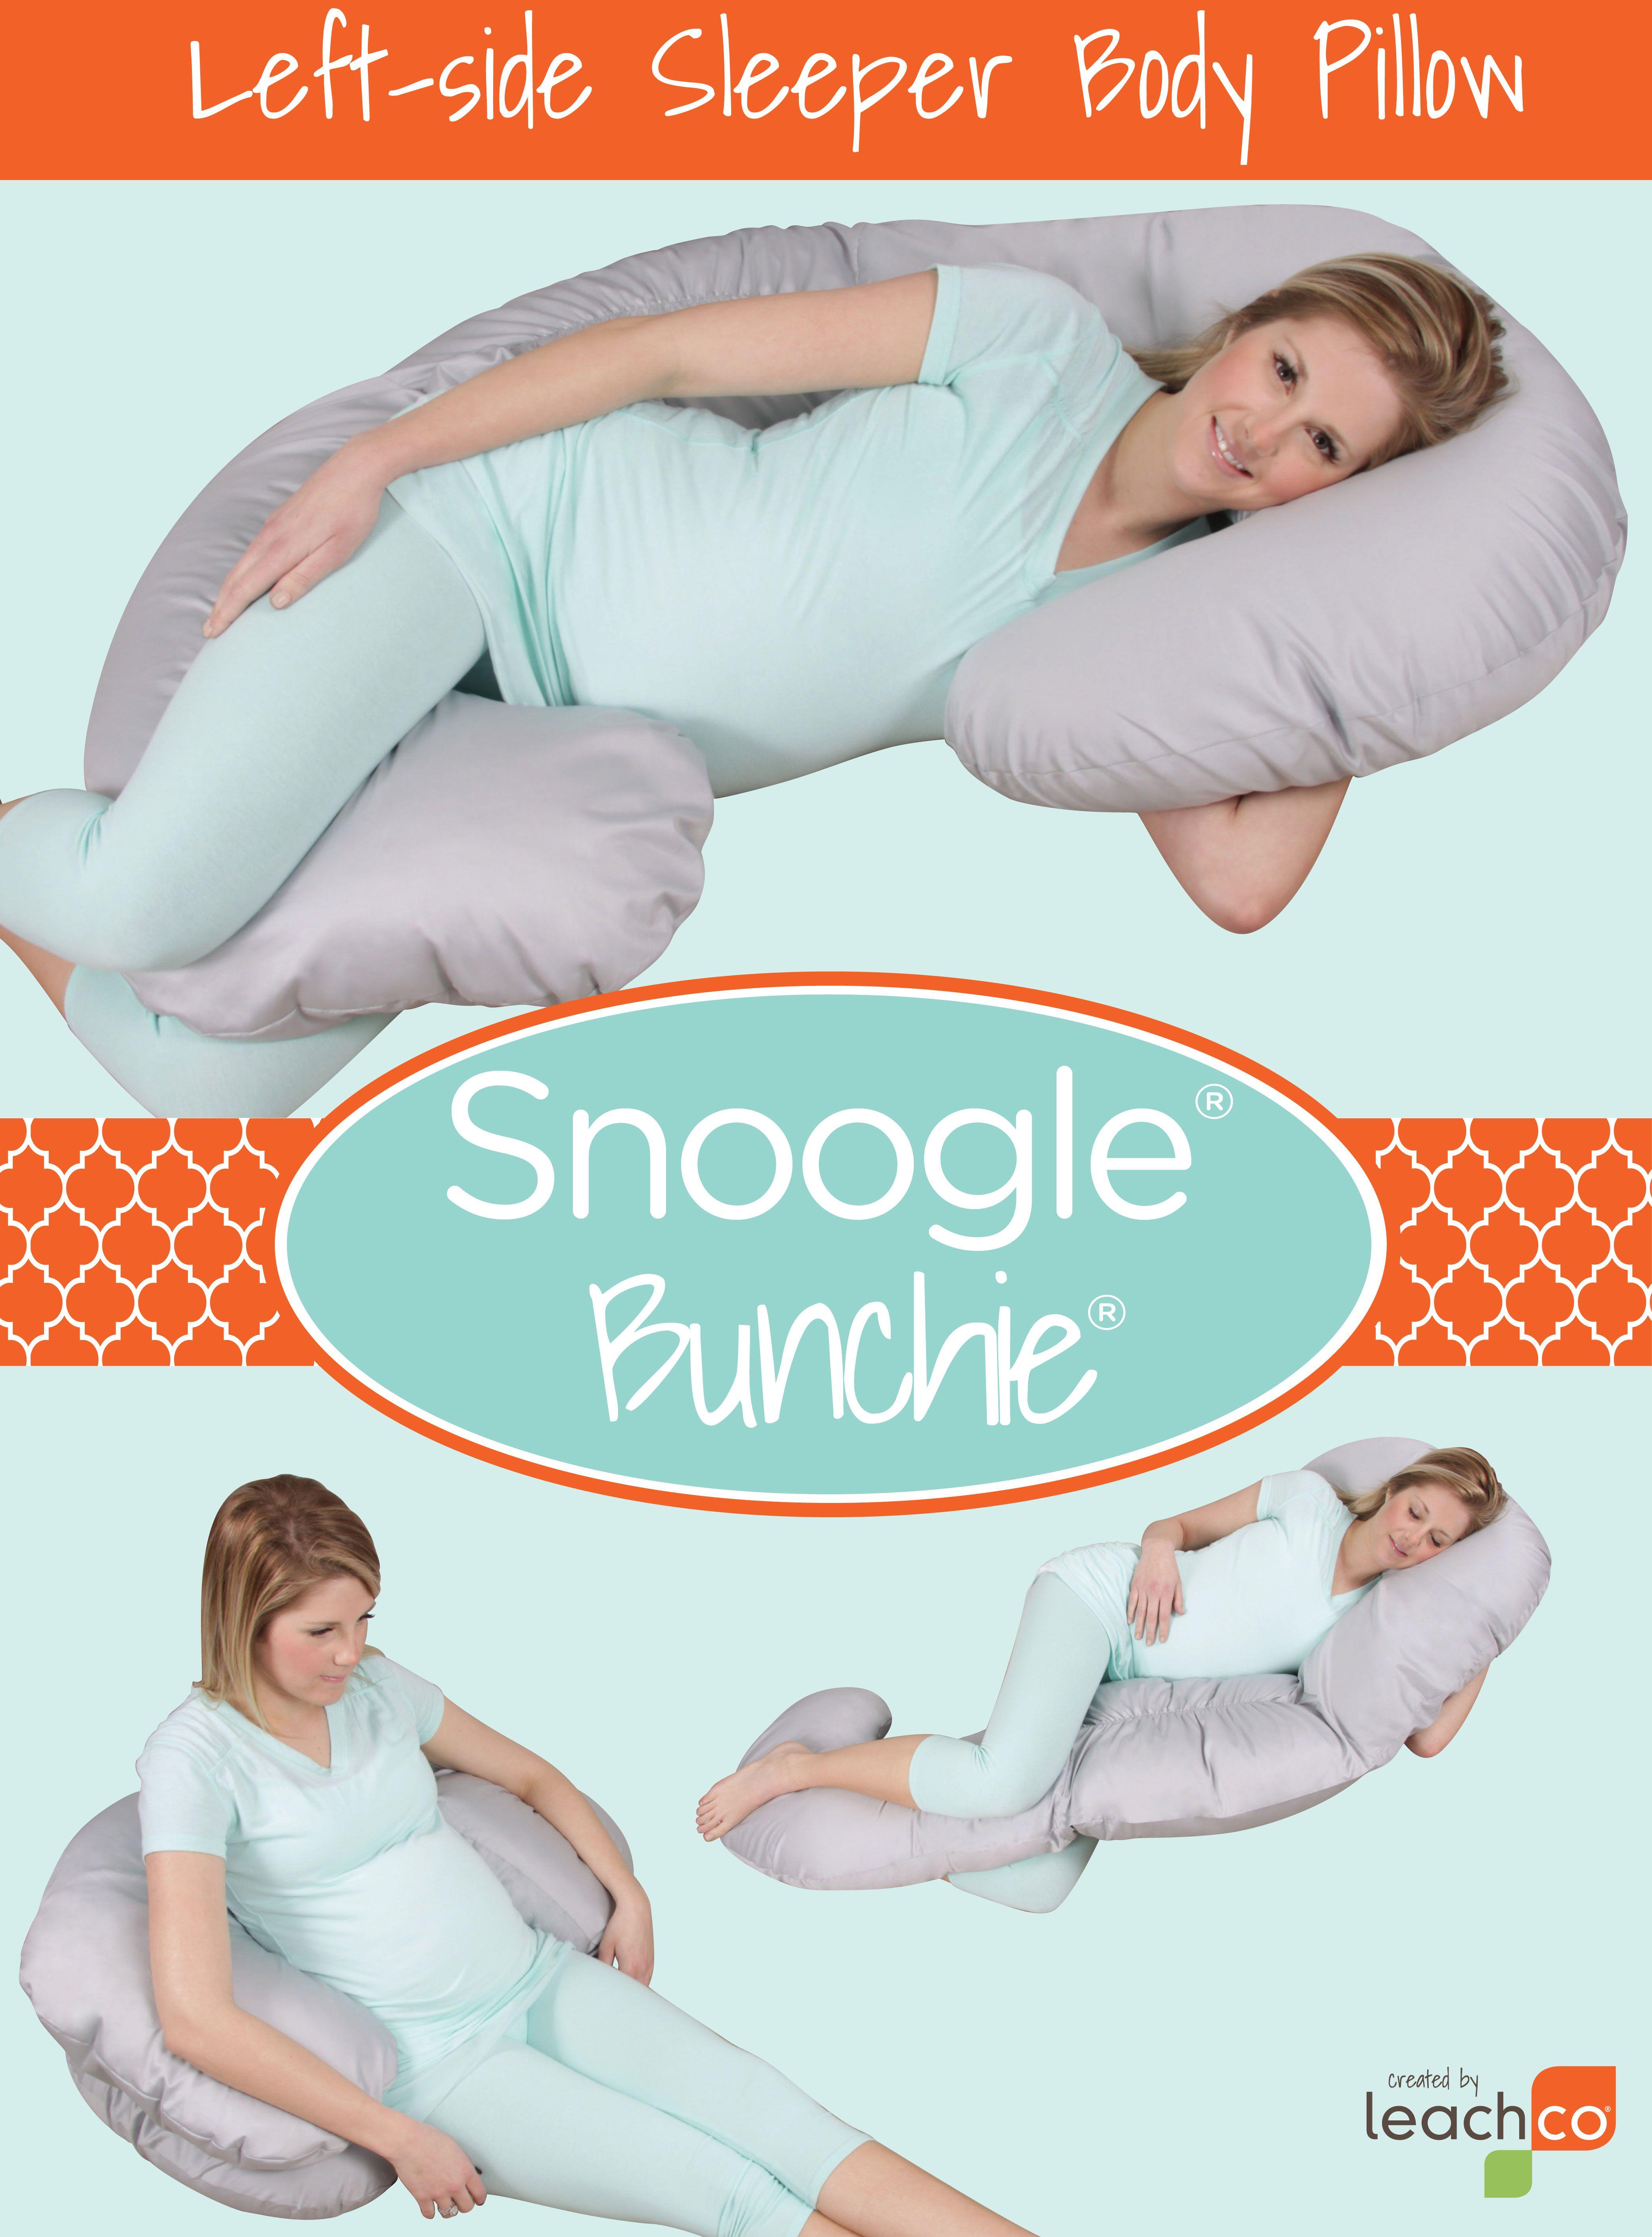 المالية بائع خضار جينز leachco snoogle maternity pillow phfireballs com